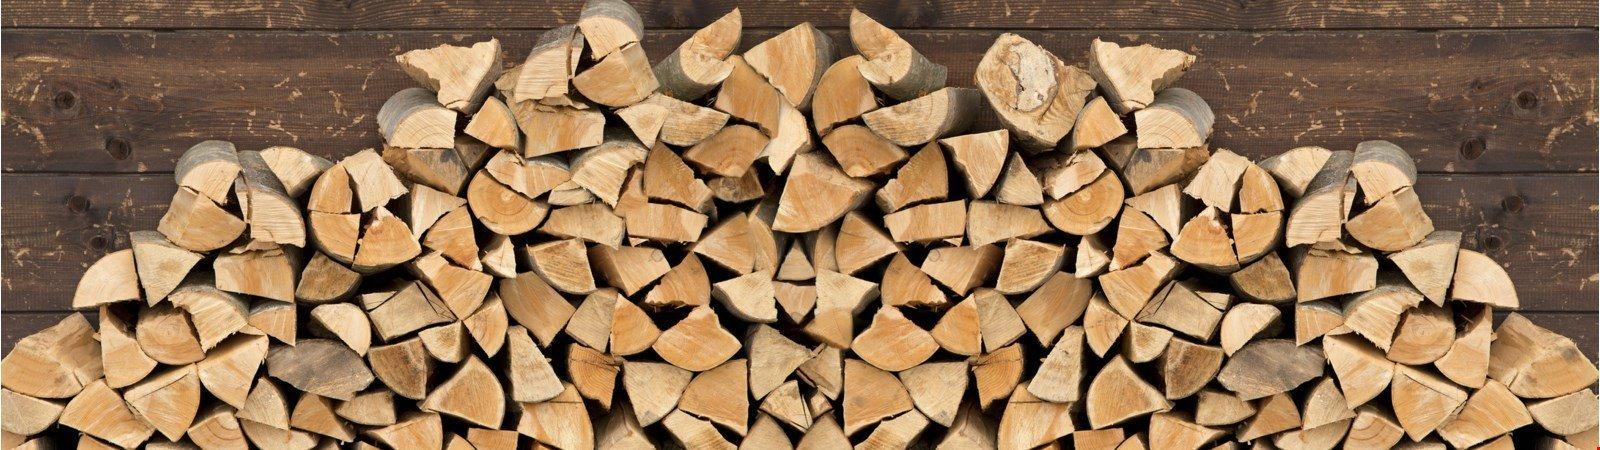 Brennholzpreise: Sparen Sie umweltschonend mit dem Scheitholzkessel